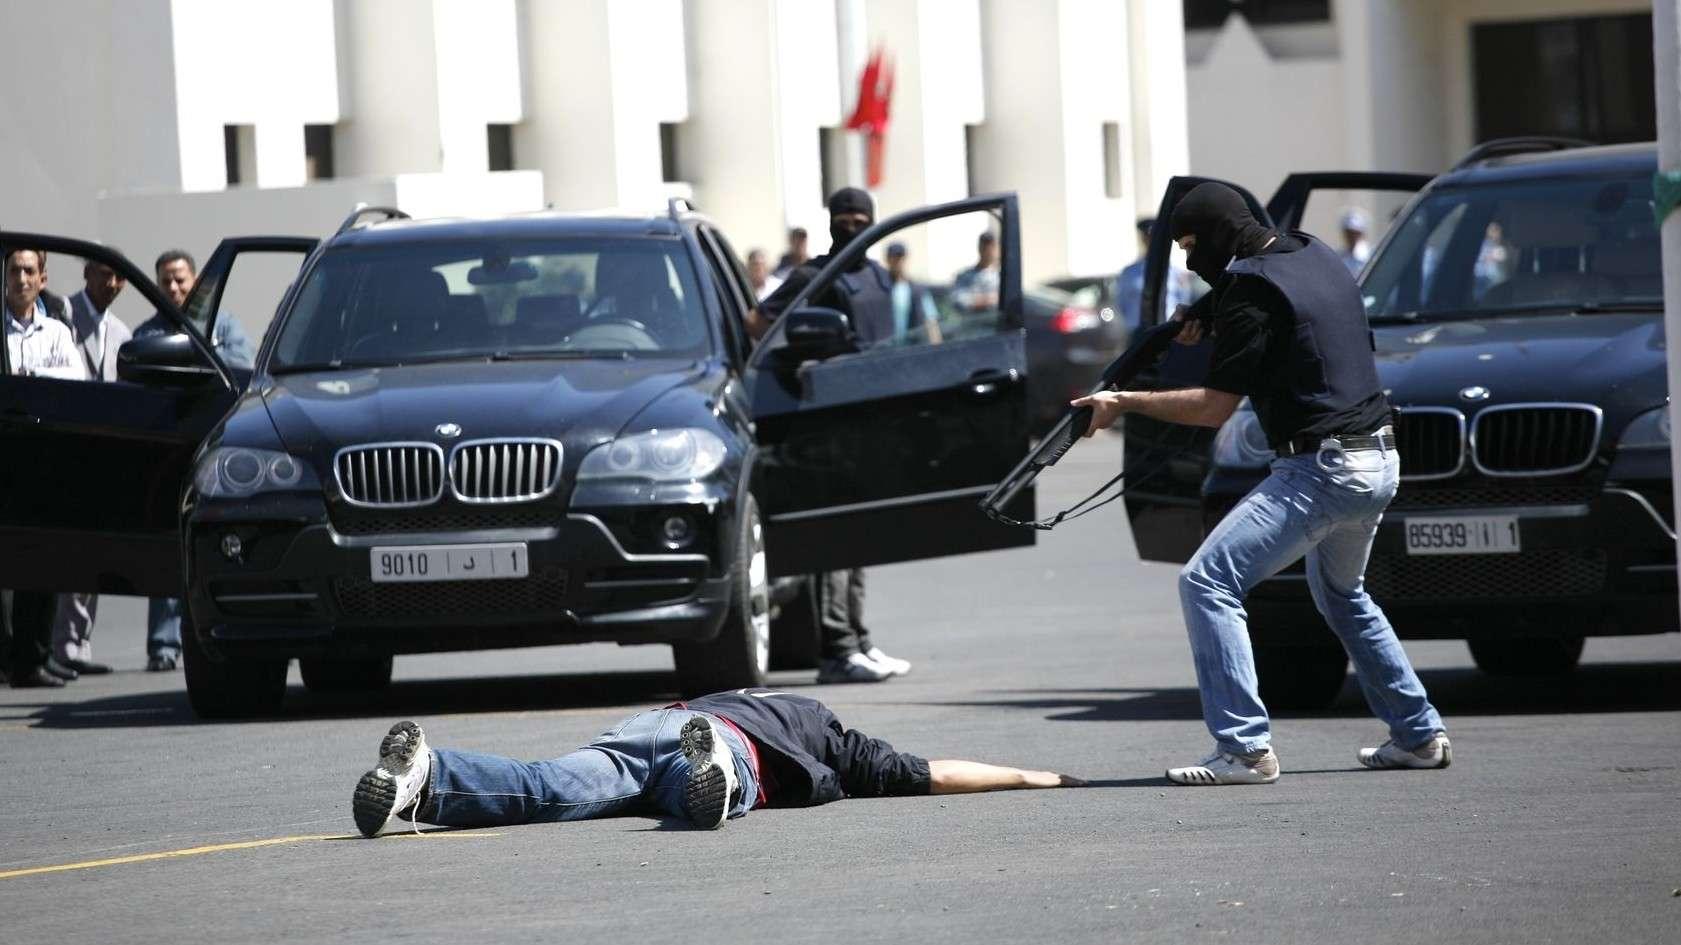 صور رائعة للشرطة المغربية 2014 Dfg_210